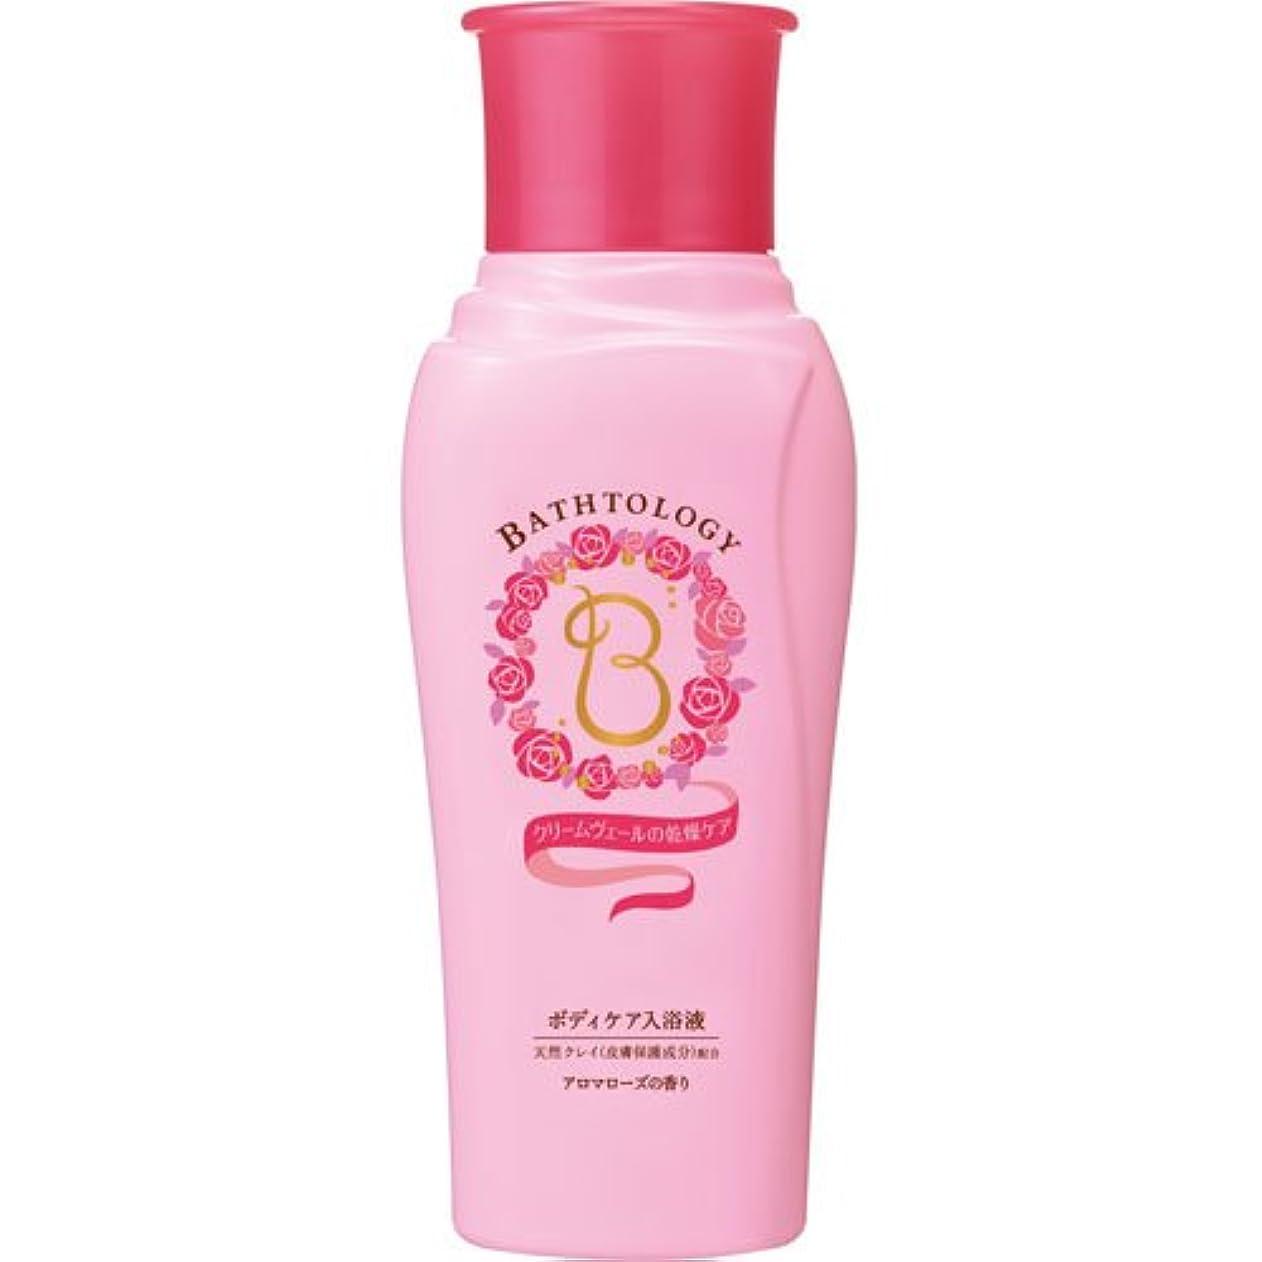 はっきりと脳最小BATHTOLOGY ボディケア入浴液 アロマローズの香り 本体 450mL